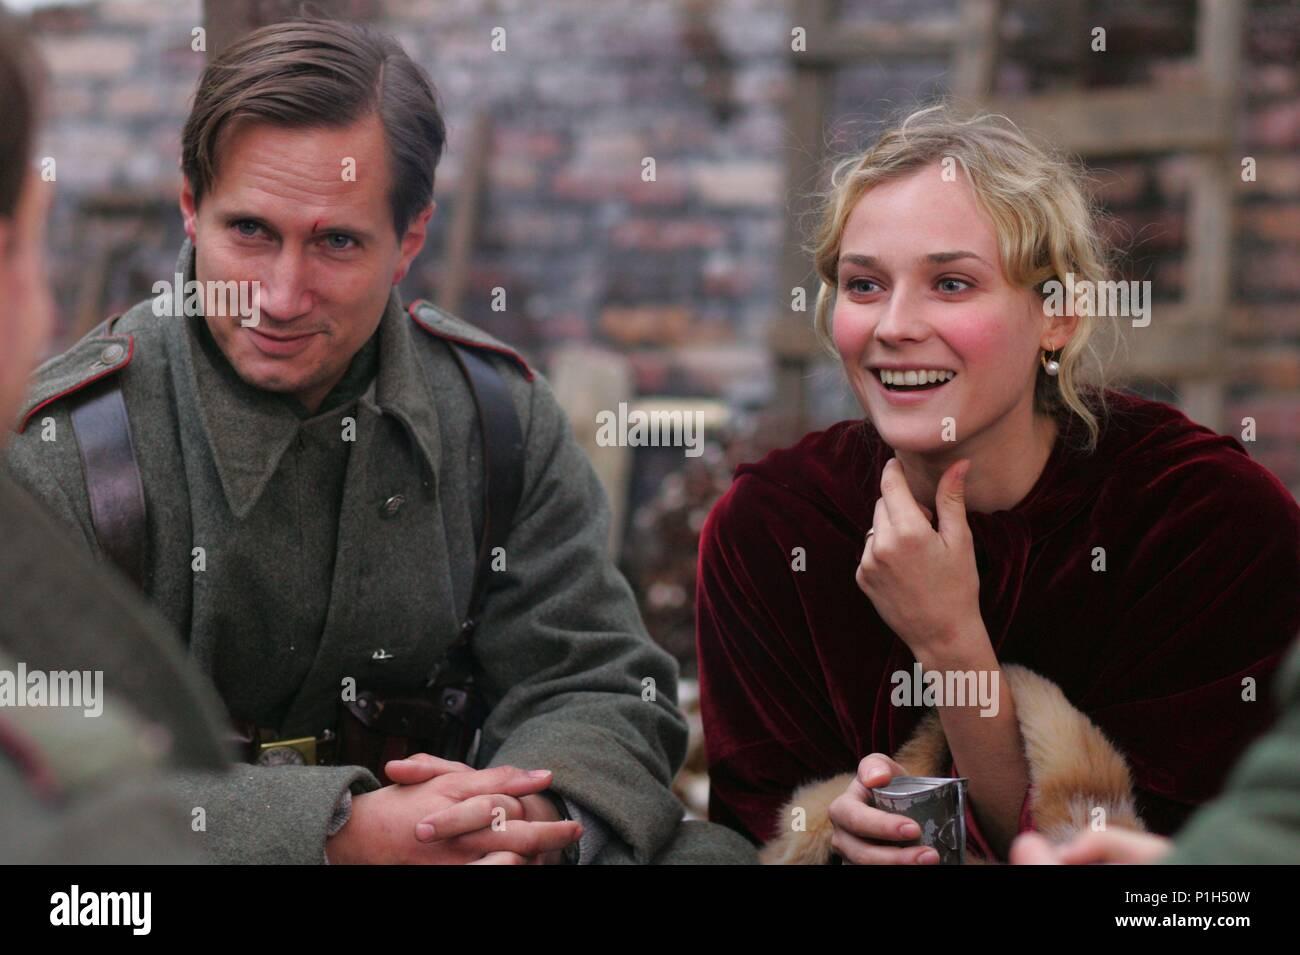 Frohe Weihnachten Film.Original Film Titel Joyeux Noël Englischer Titel Frohe